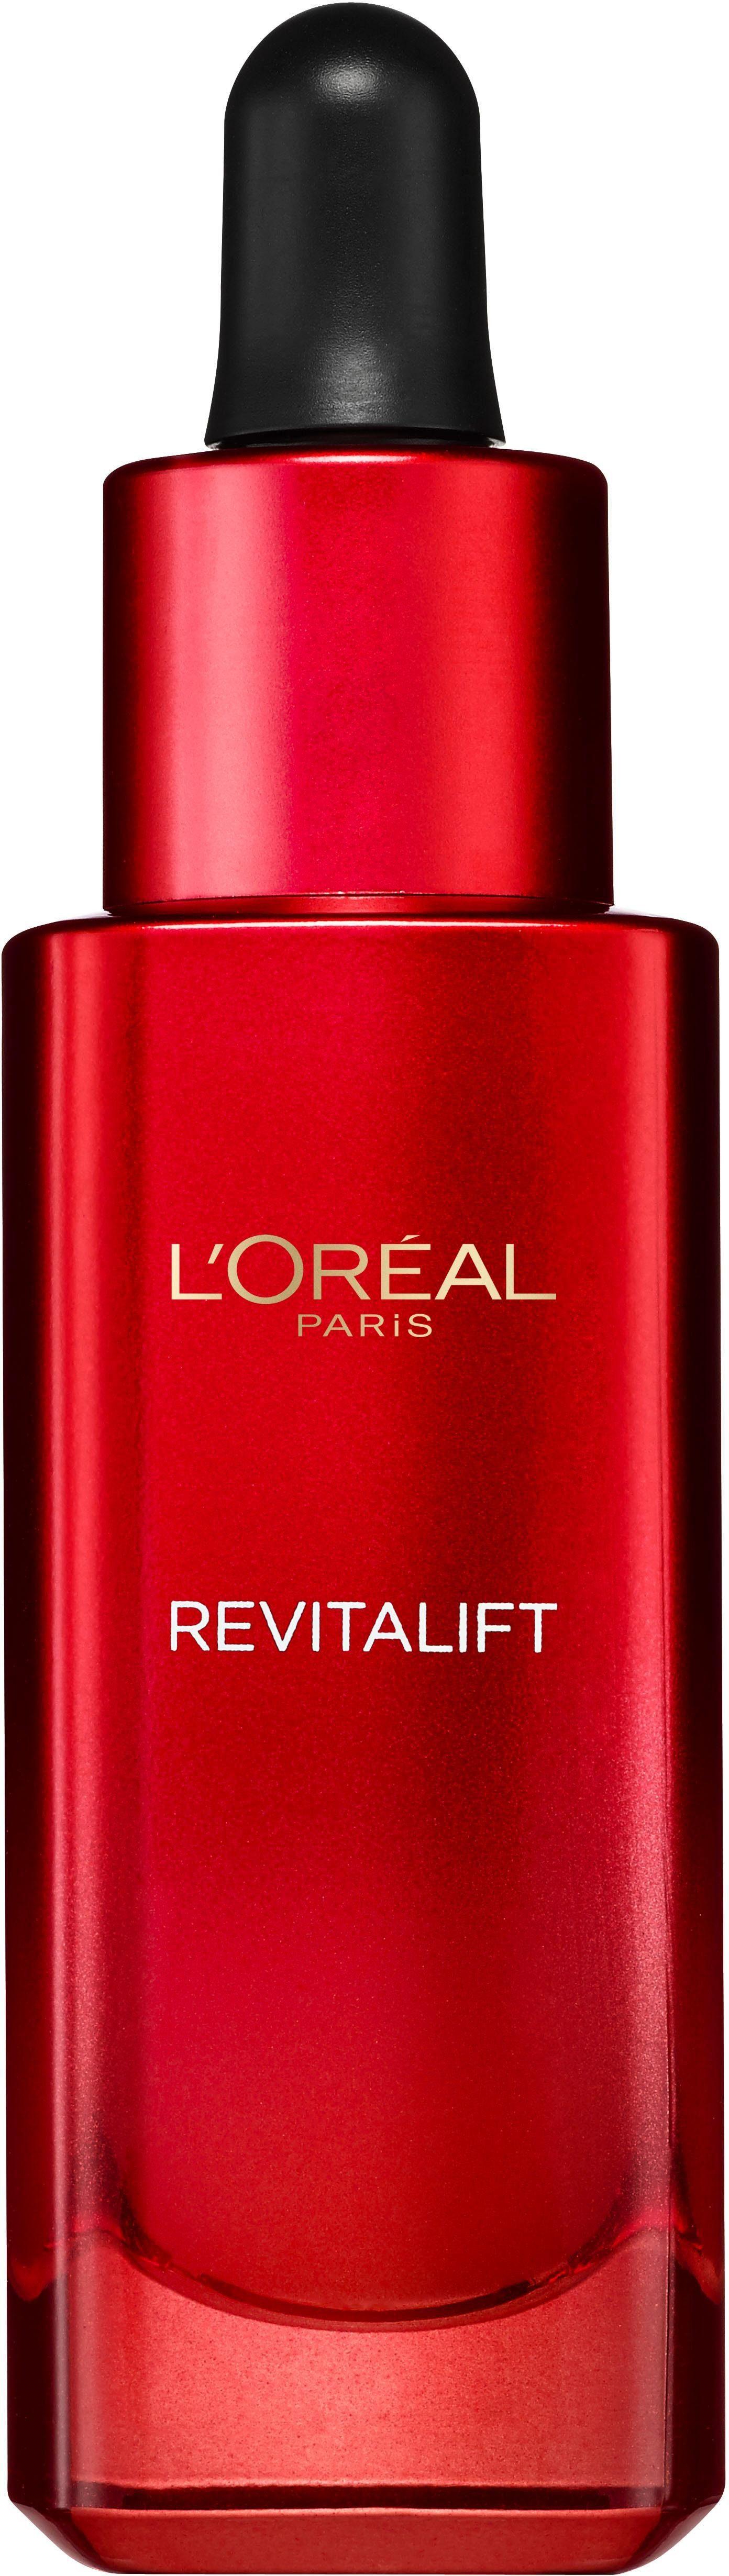 L'Oréal Paris, »RevitaLift Serum«, Gesichtspflege